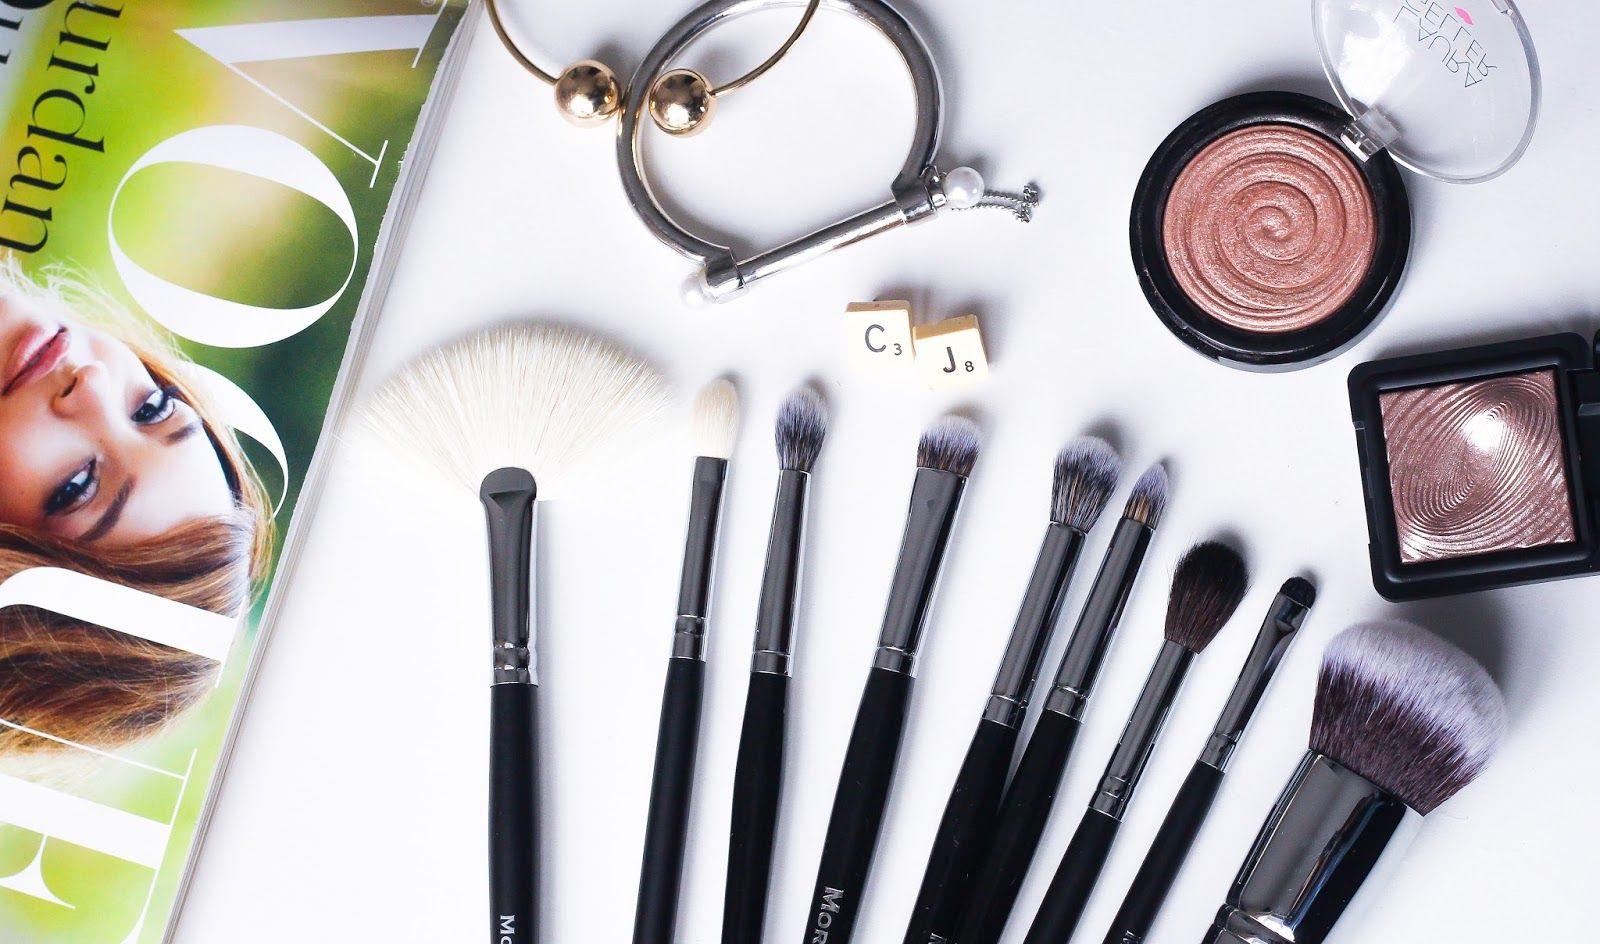 Morphe Makeup Brushes morphebrushes Morphe M310 Large